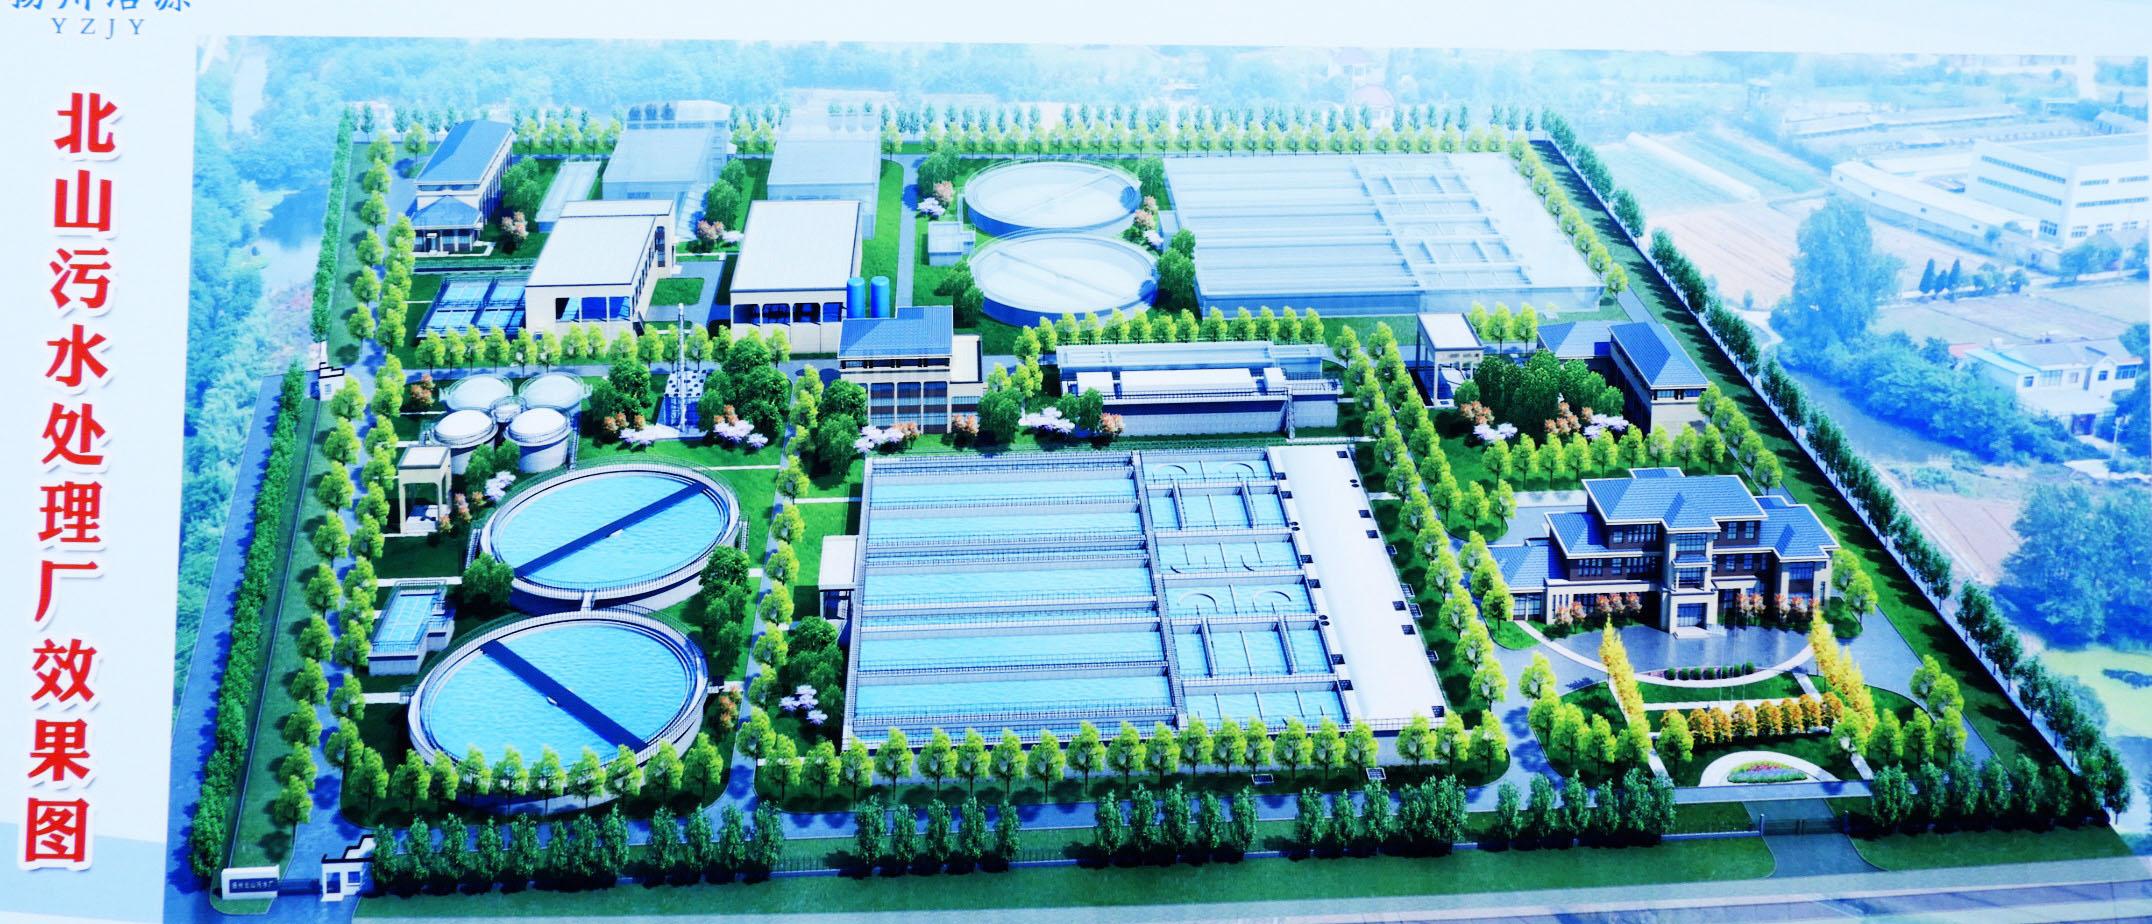 扬州市北山污水处理厂进展如何?速看!